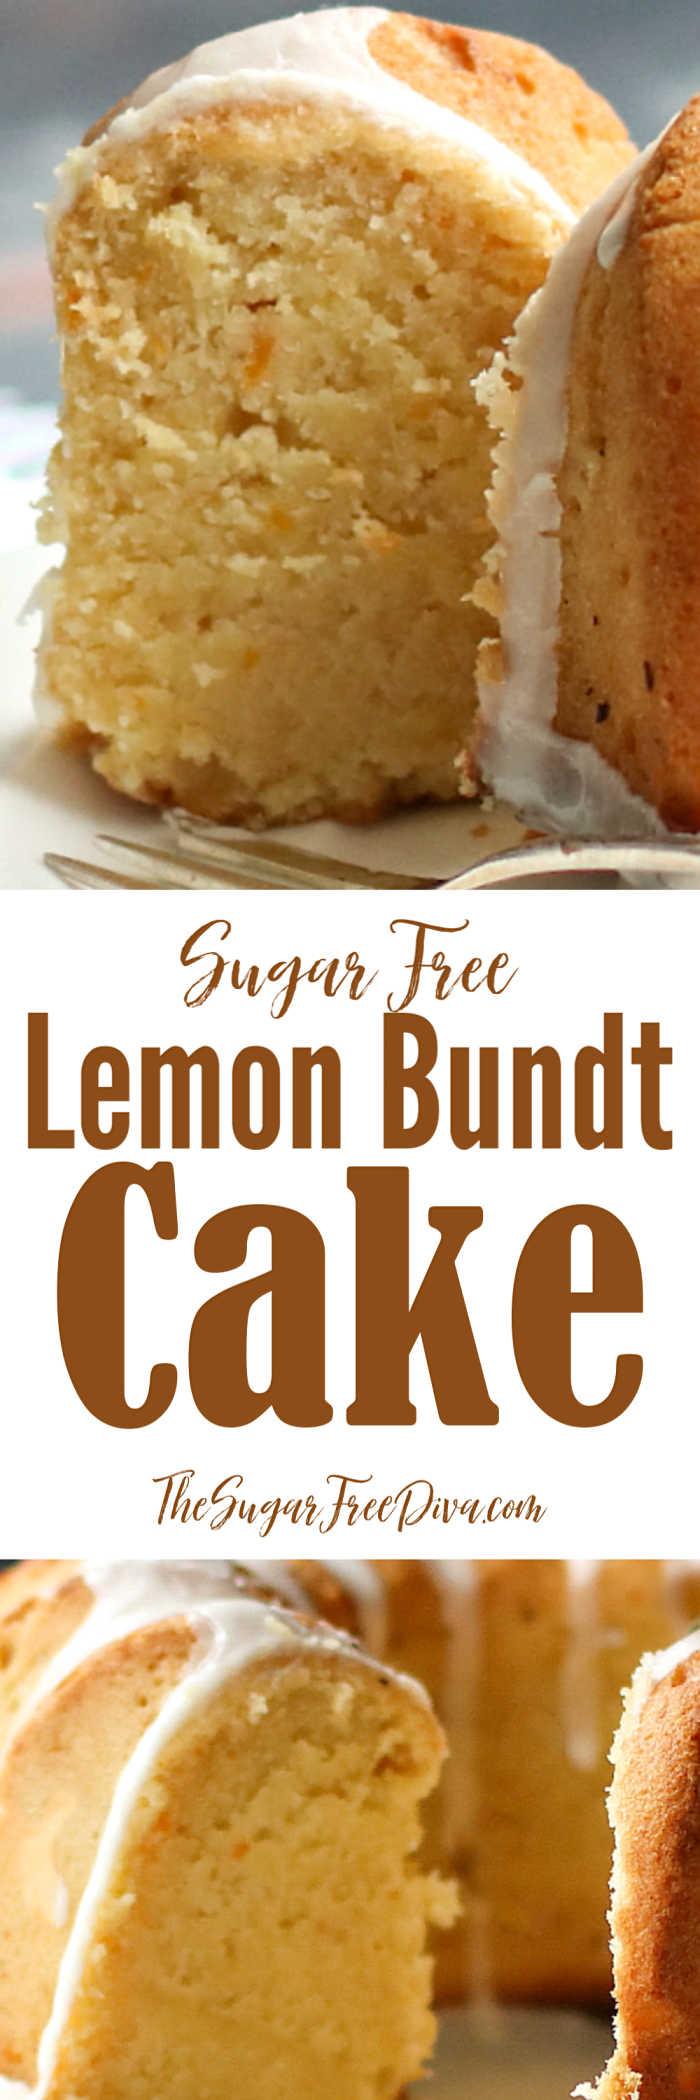 Sugar Free Lemon Bundt Cake